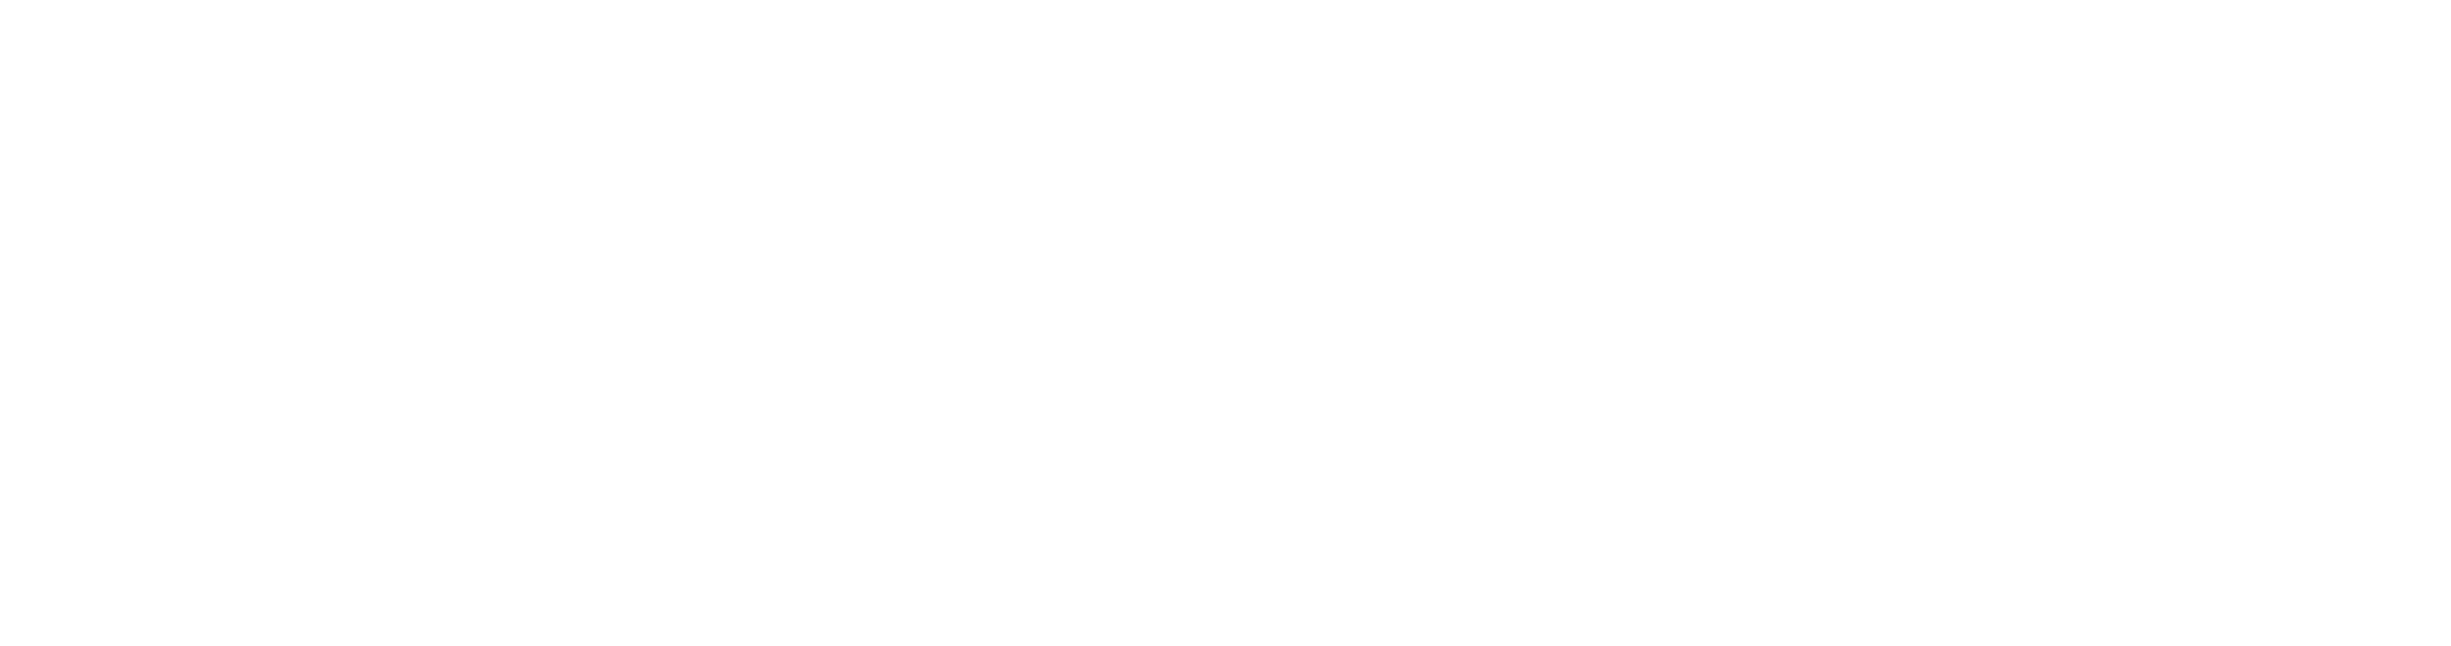 Ника Мебель - распродажа мебели онлайн